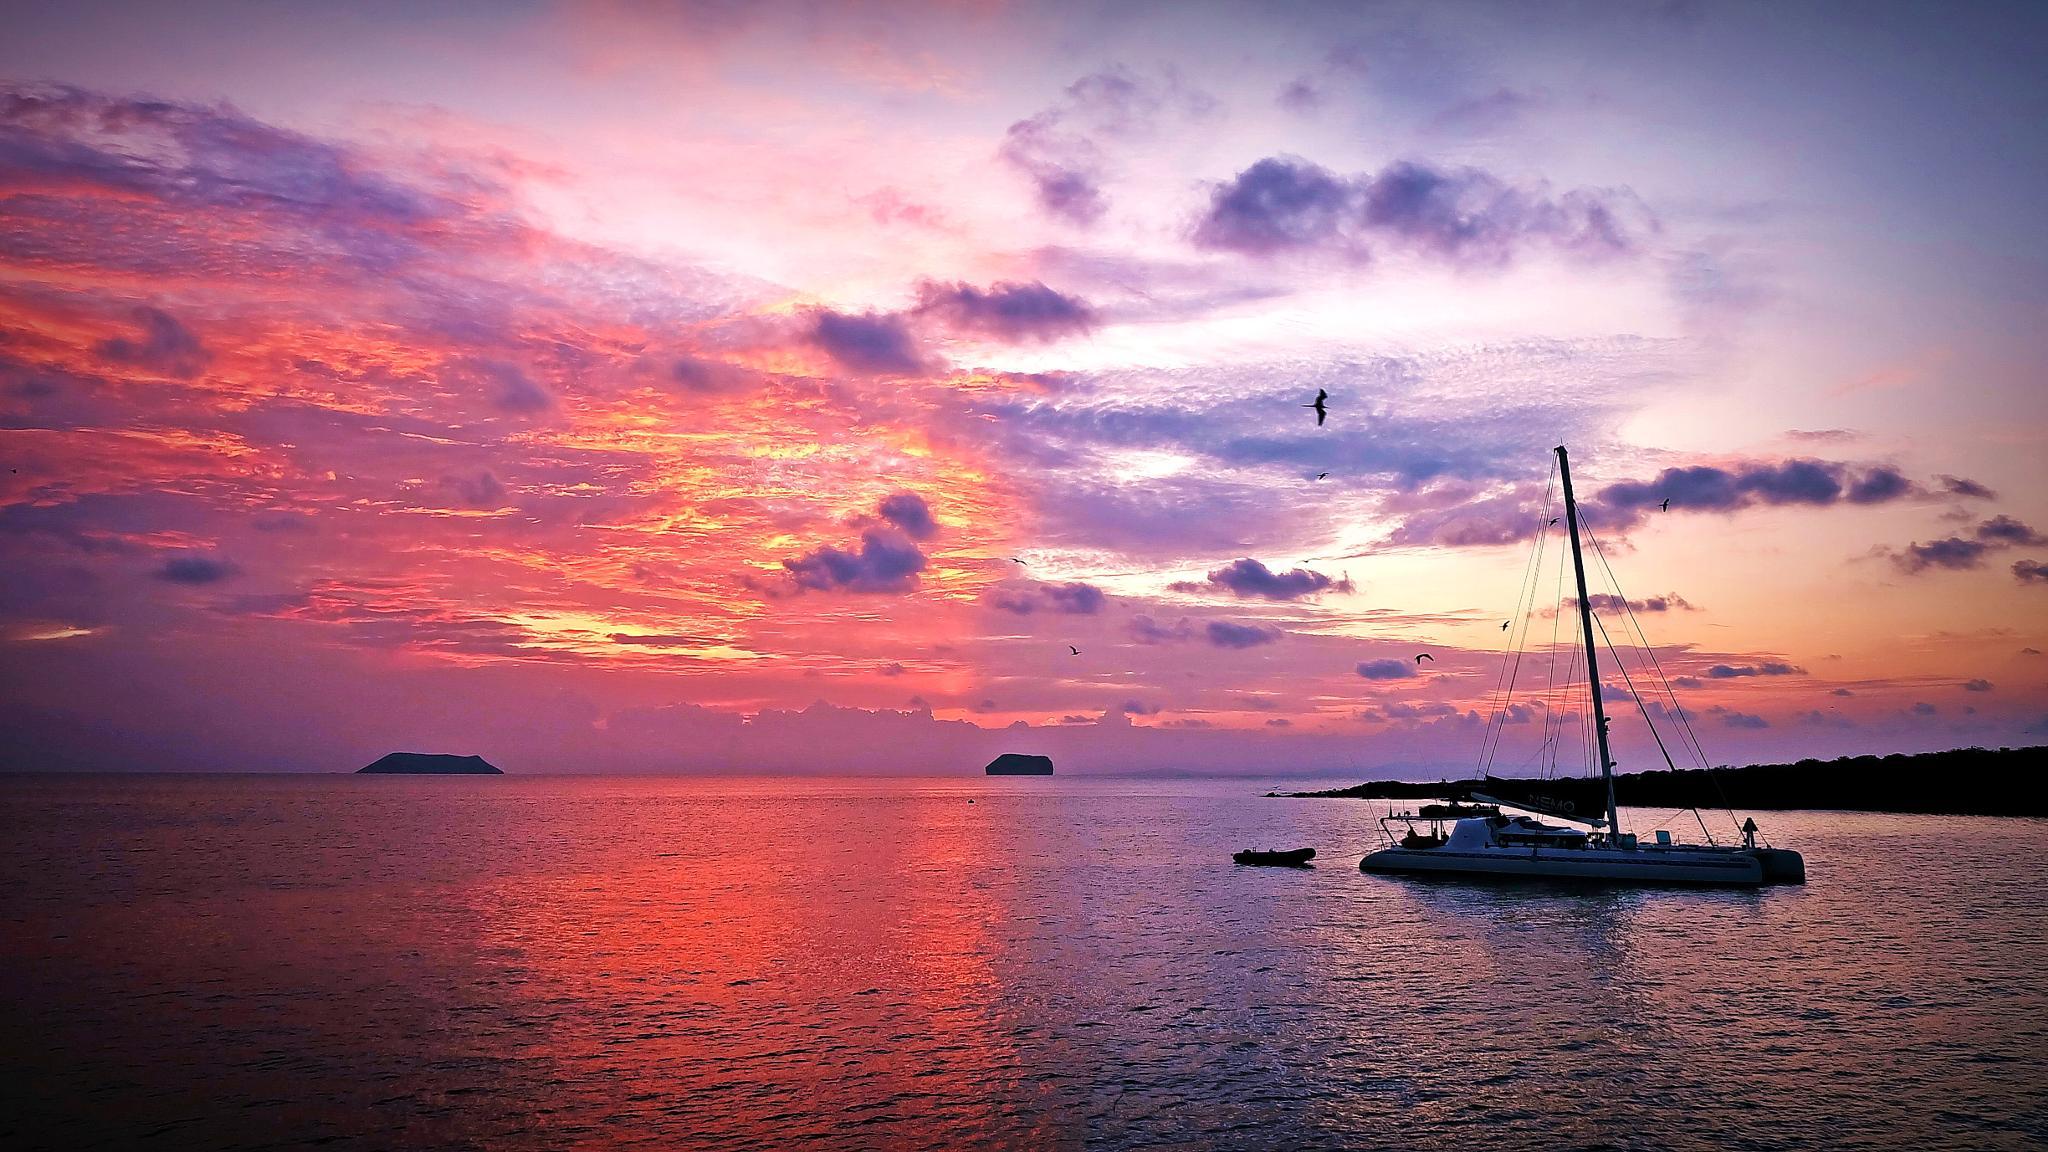 Sunset .. in Galapagos  by Shane WP Wongperk